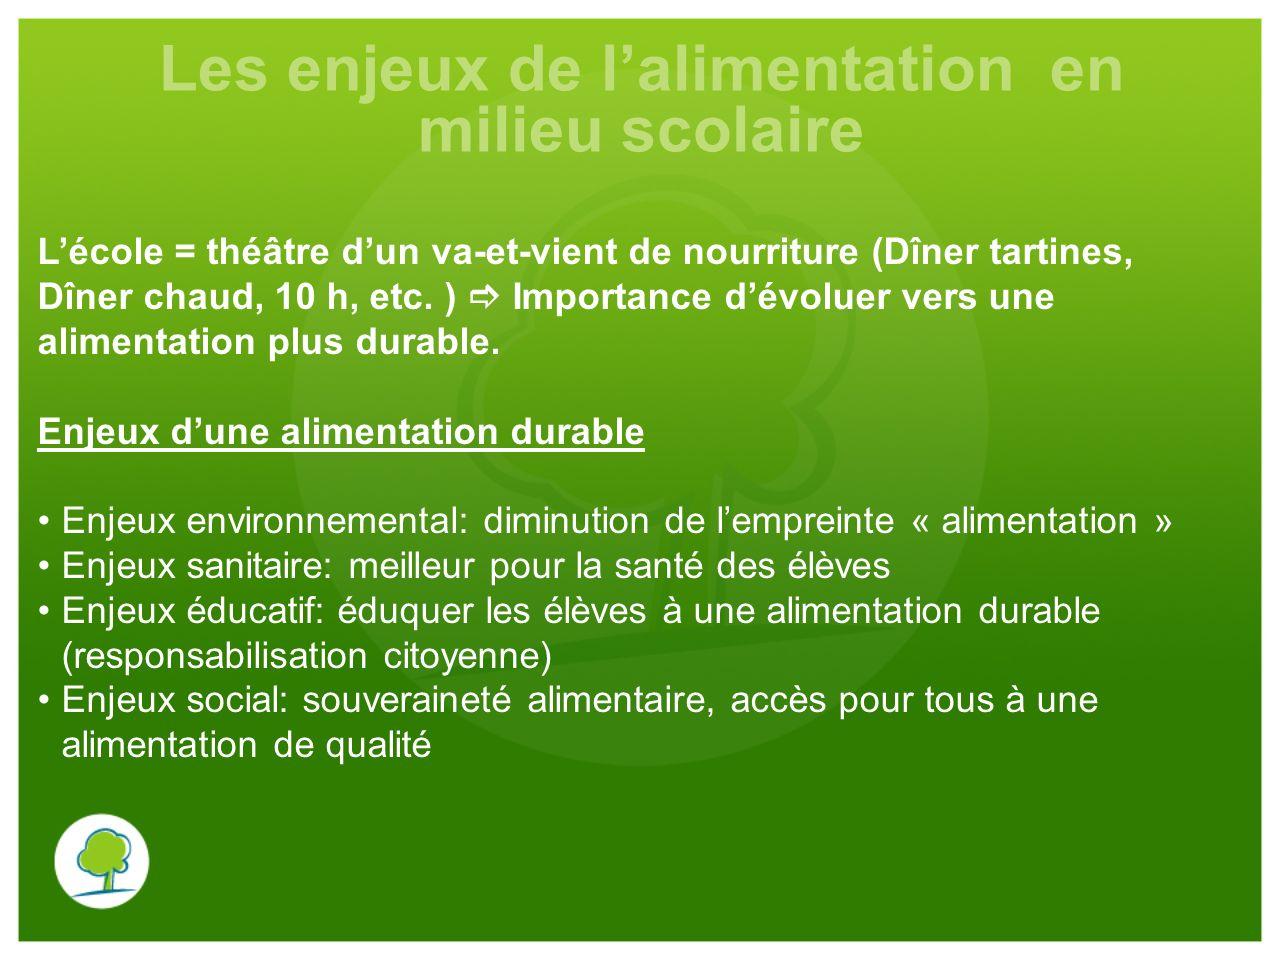 Les enjeux de lalimentation en milieu scolaire Lécole = théâtre dun va-et-vient de nourriture (Dîner tartines, Dîner chaud, 10 h, etc. ) Importance dé